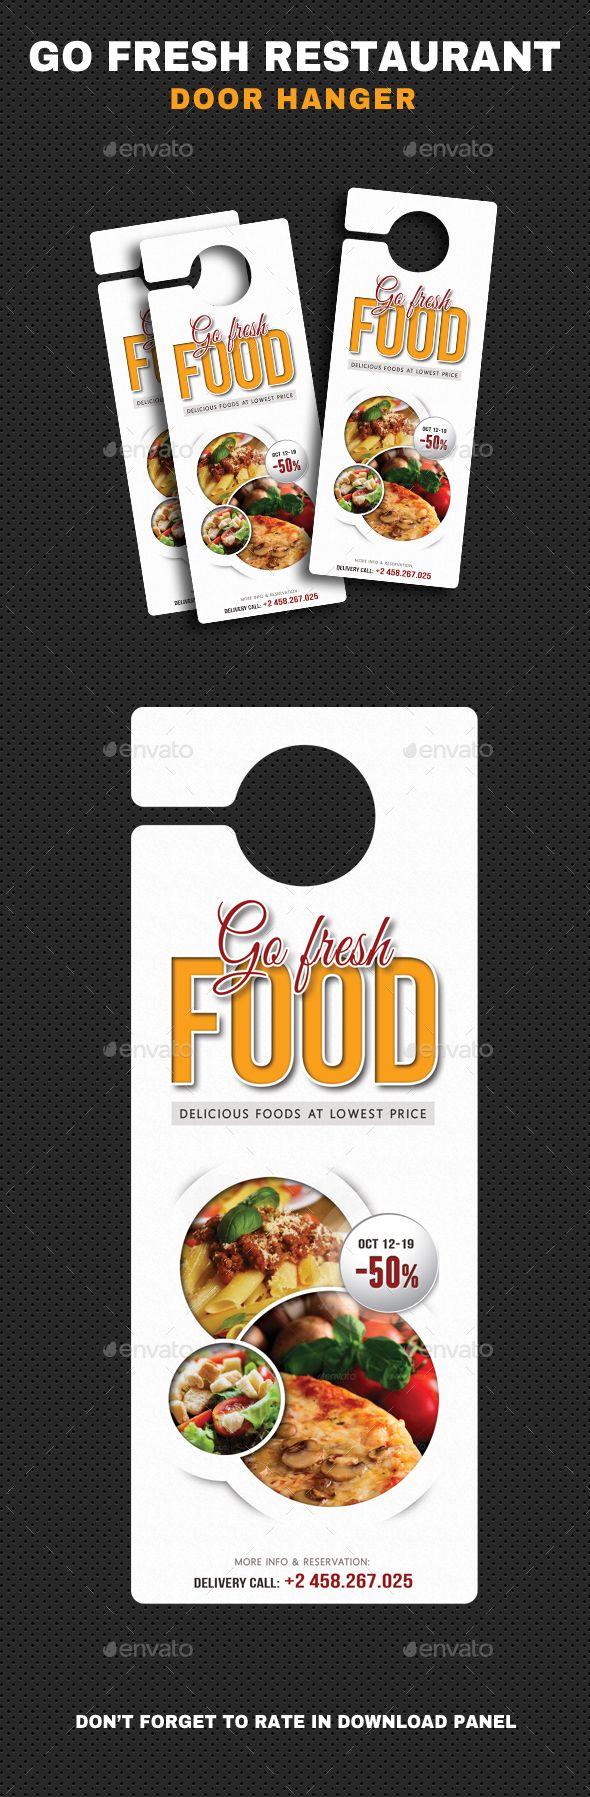 Go Fresh Restaurant Door Hanger  Door Hanger Template